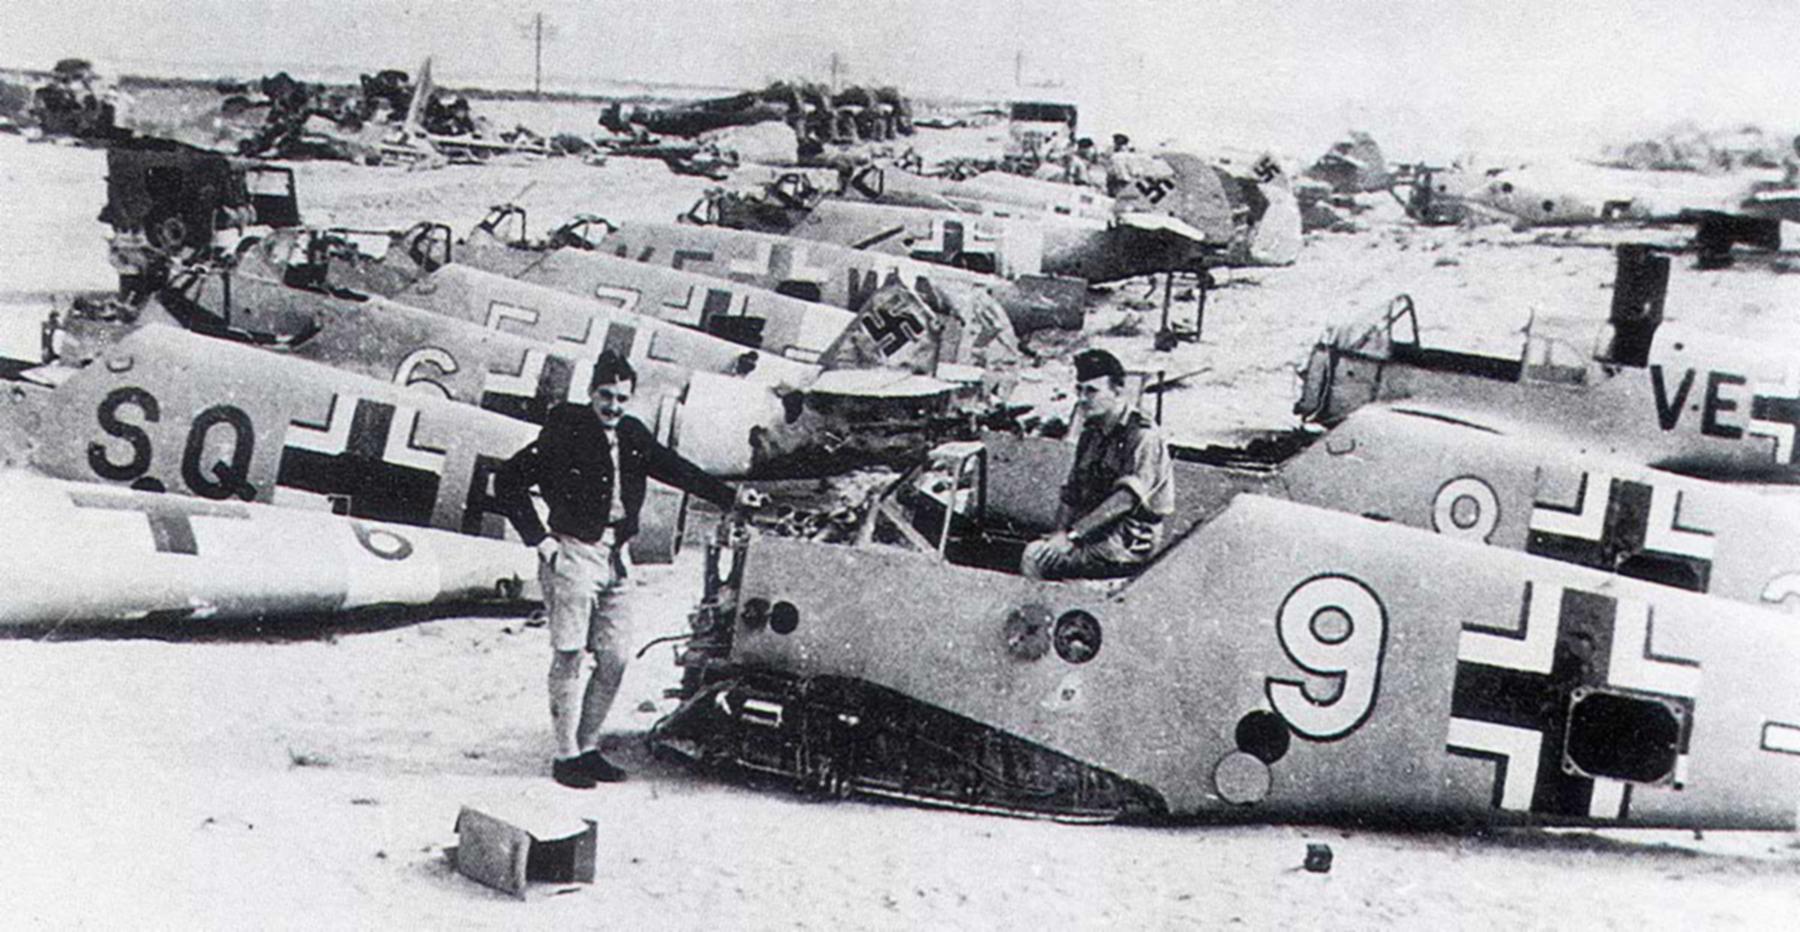 Messerschmitt Bf 109F4Trop abandoned airframes mostly from JG27 Gambut Libya 1942 03